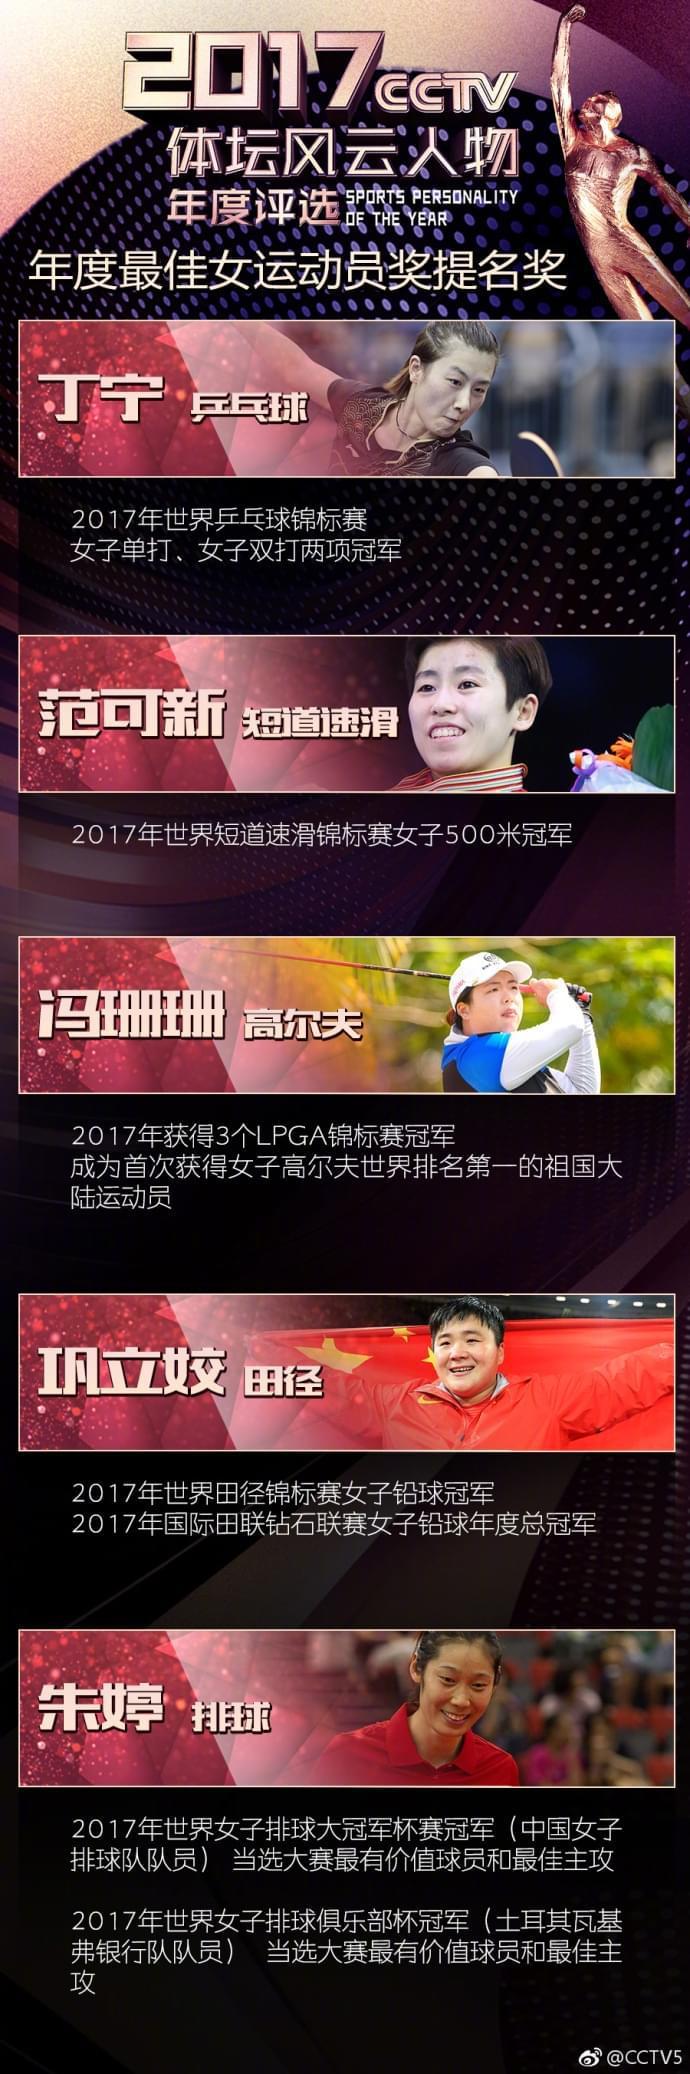 风云人物提名奖:徐嘉余苏炳添争佳男 丁宁PK朱婷